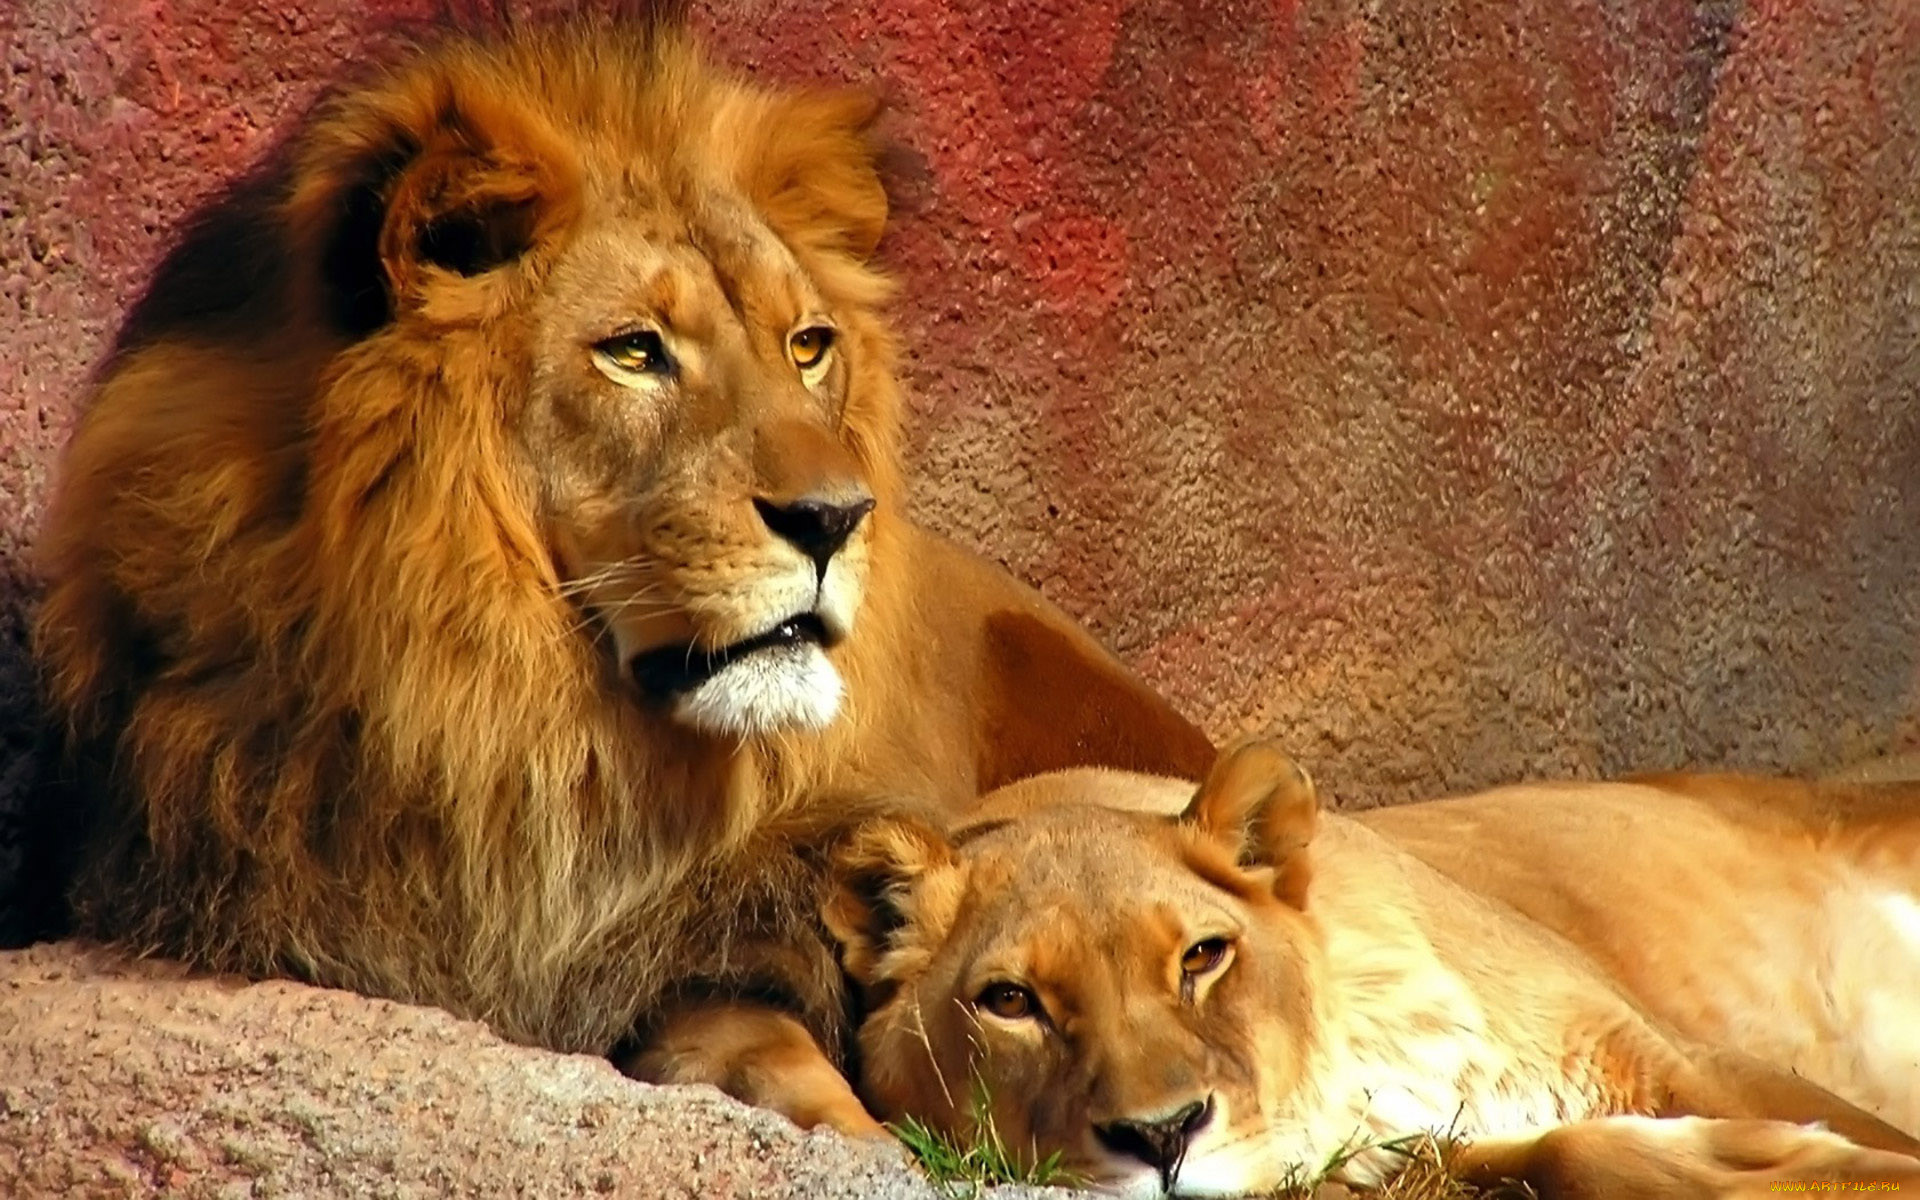 оценили фото львов на рабочий стол было